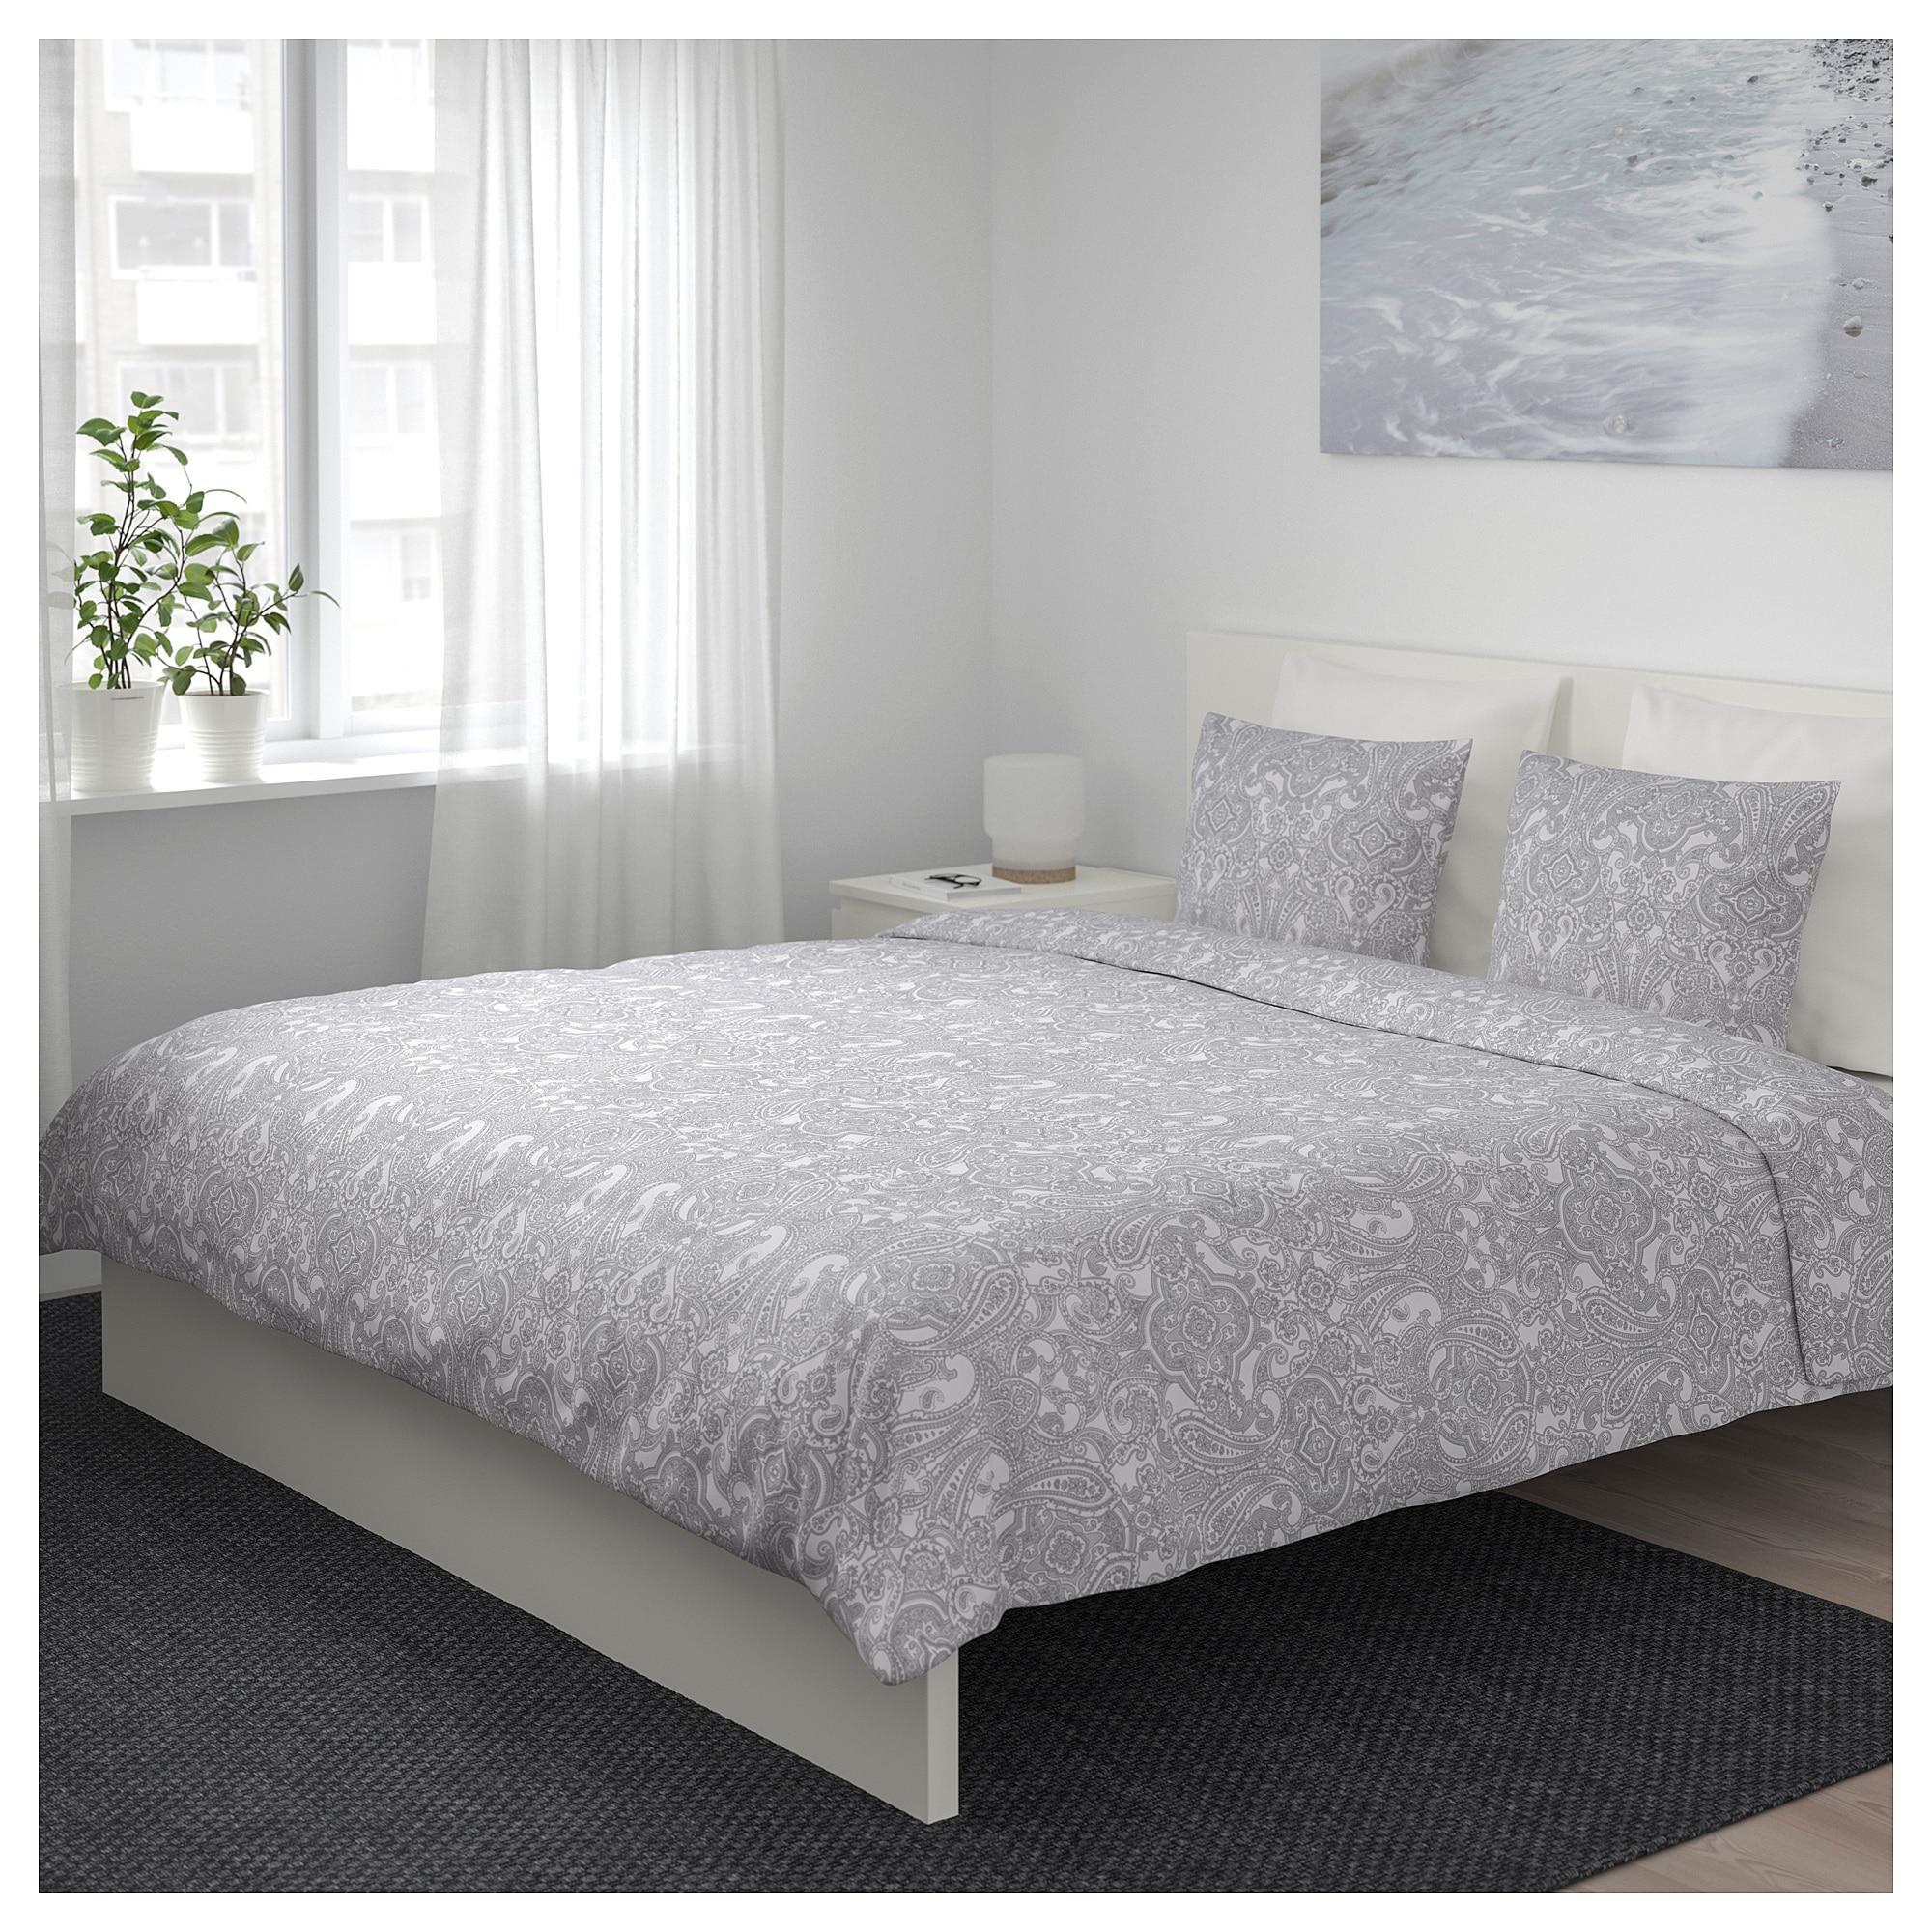 Ikea Jattevallmo Duvet Cover And Pillowcase S White Gray In